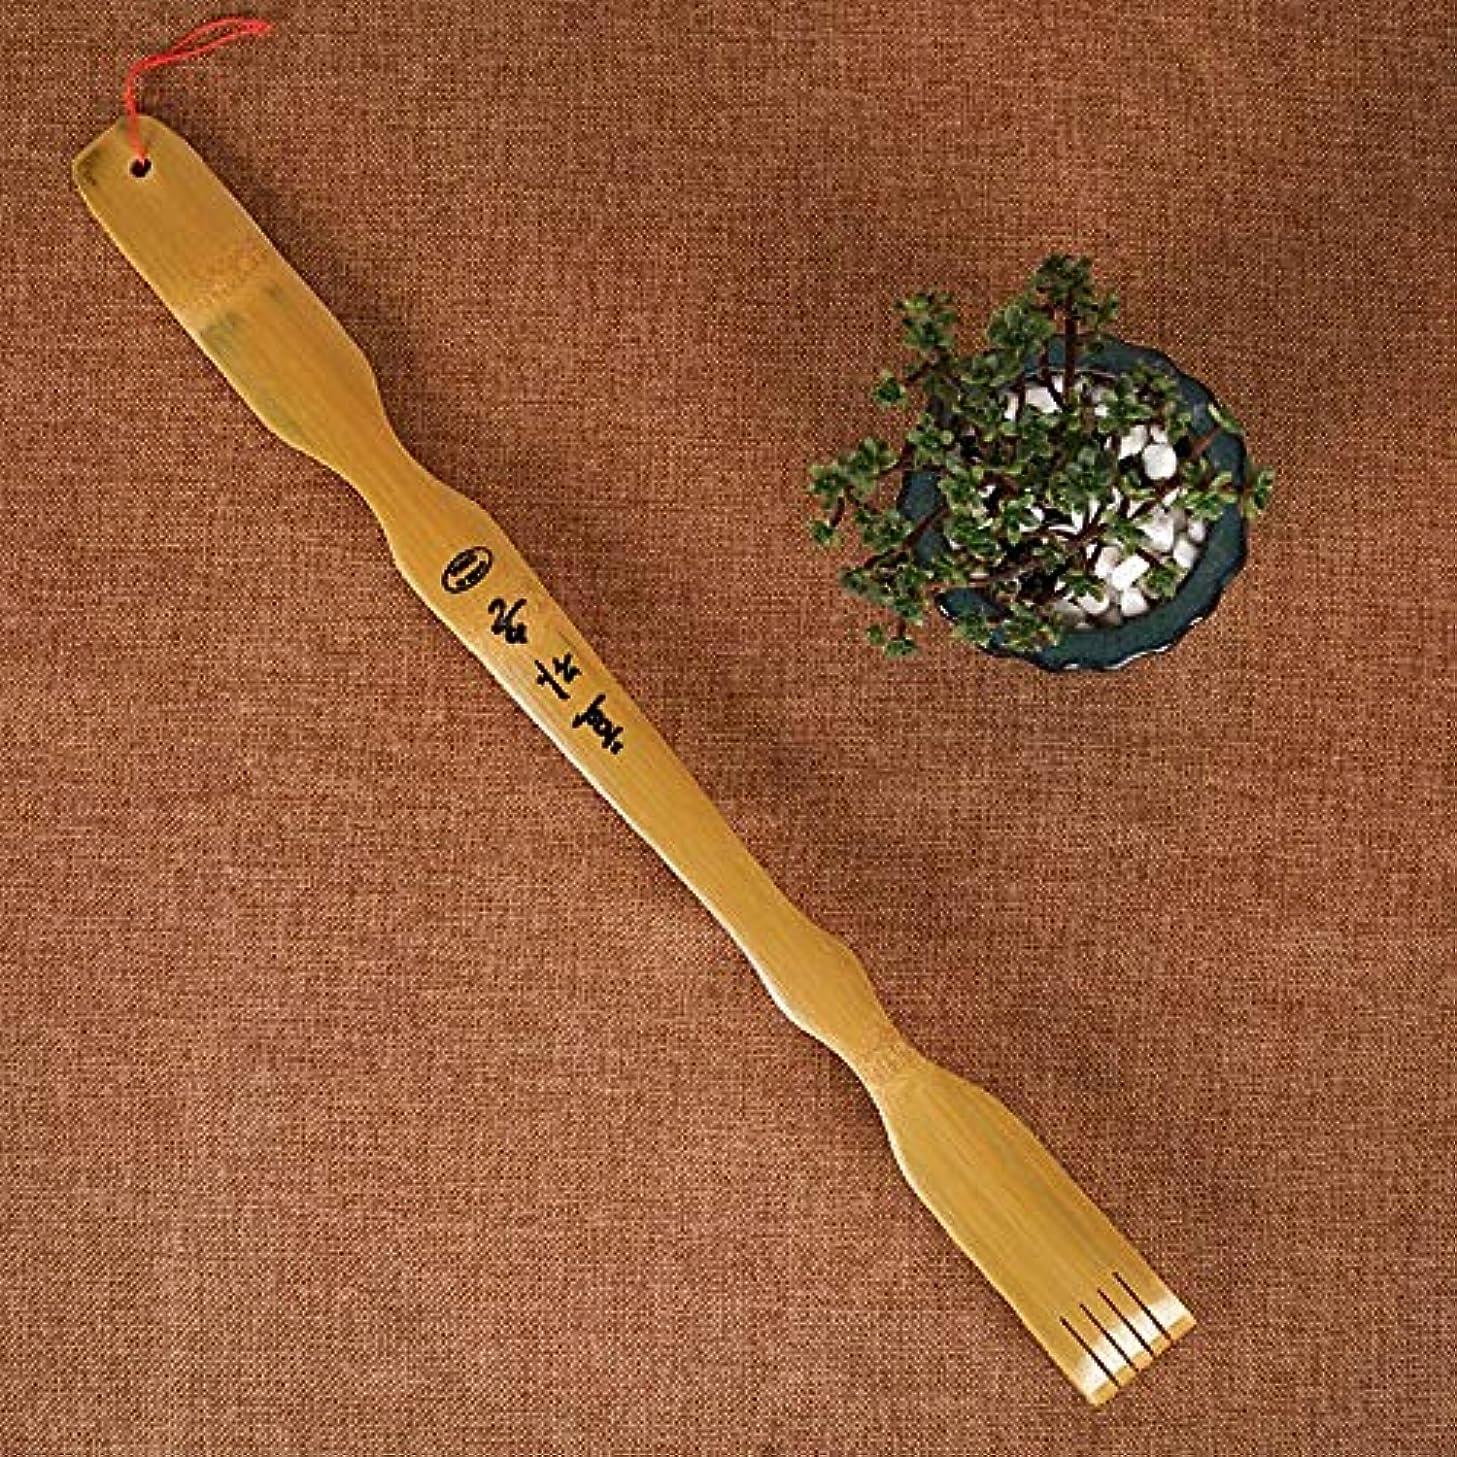 口ポーズハイライトRuby背中掻きブラシ 竹製 まごのて 敬老の日 プレゼント高人気 背中かゆみを止め マッサージ用